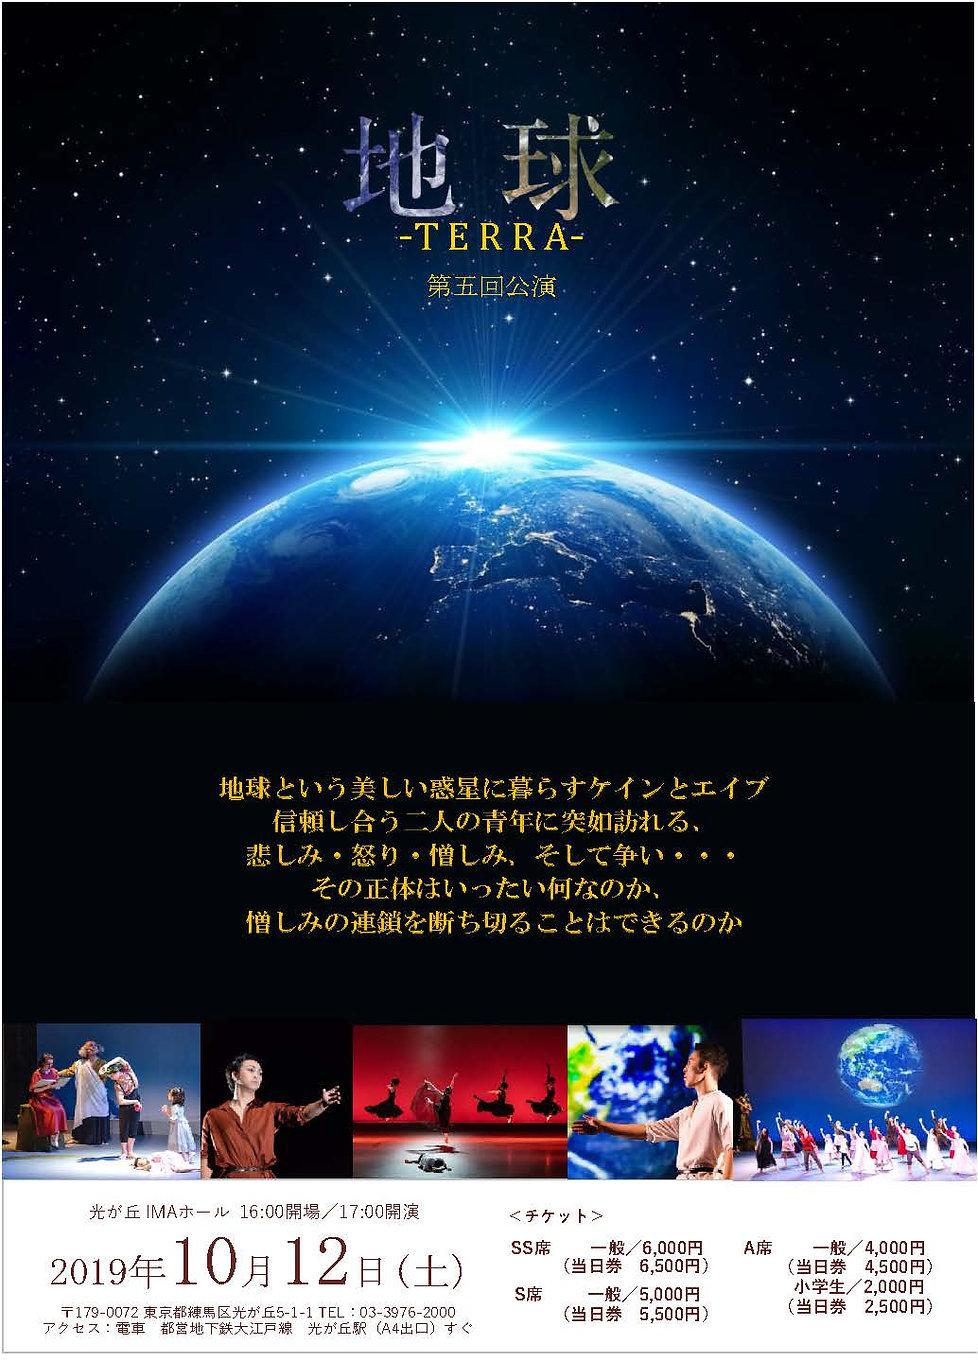 地球TERRA1012公演